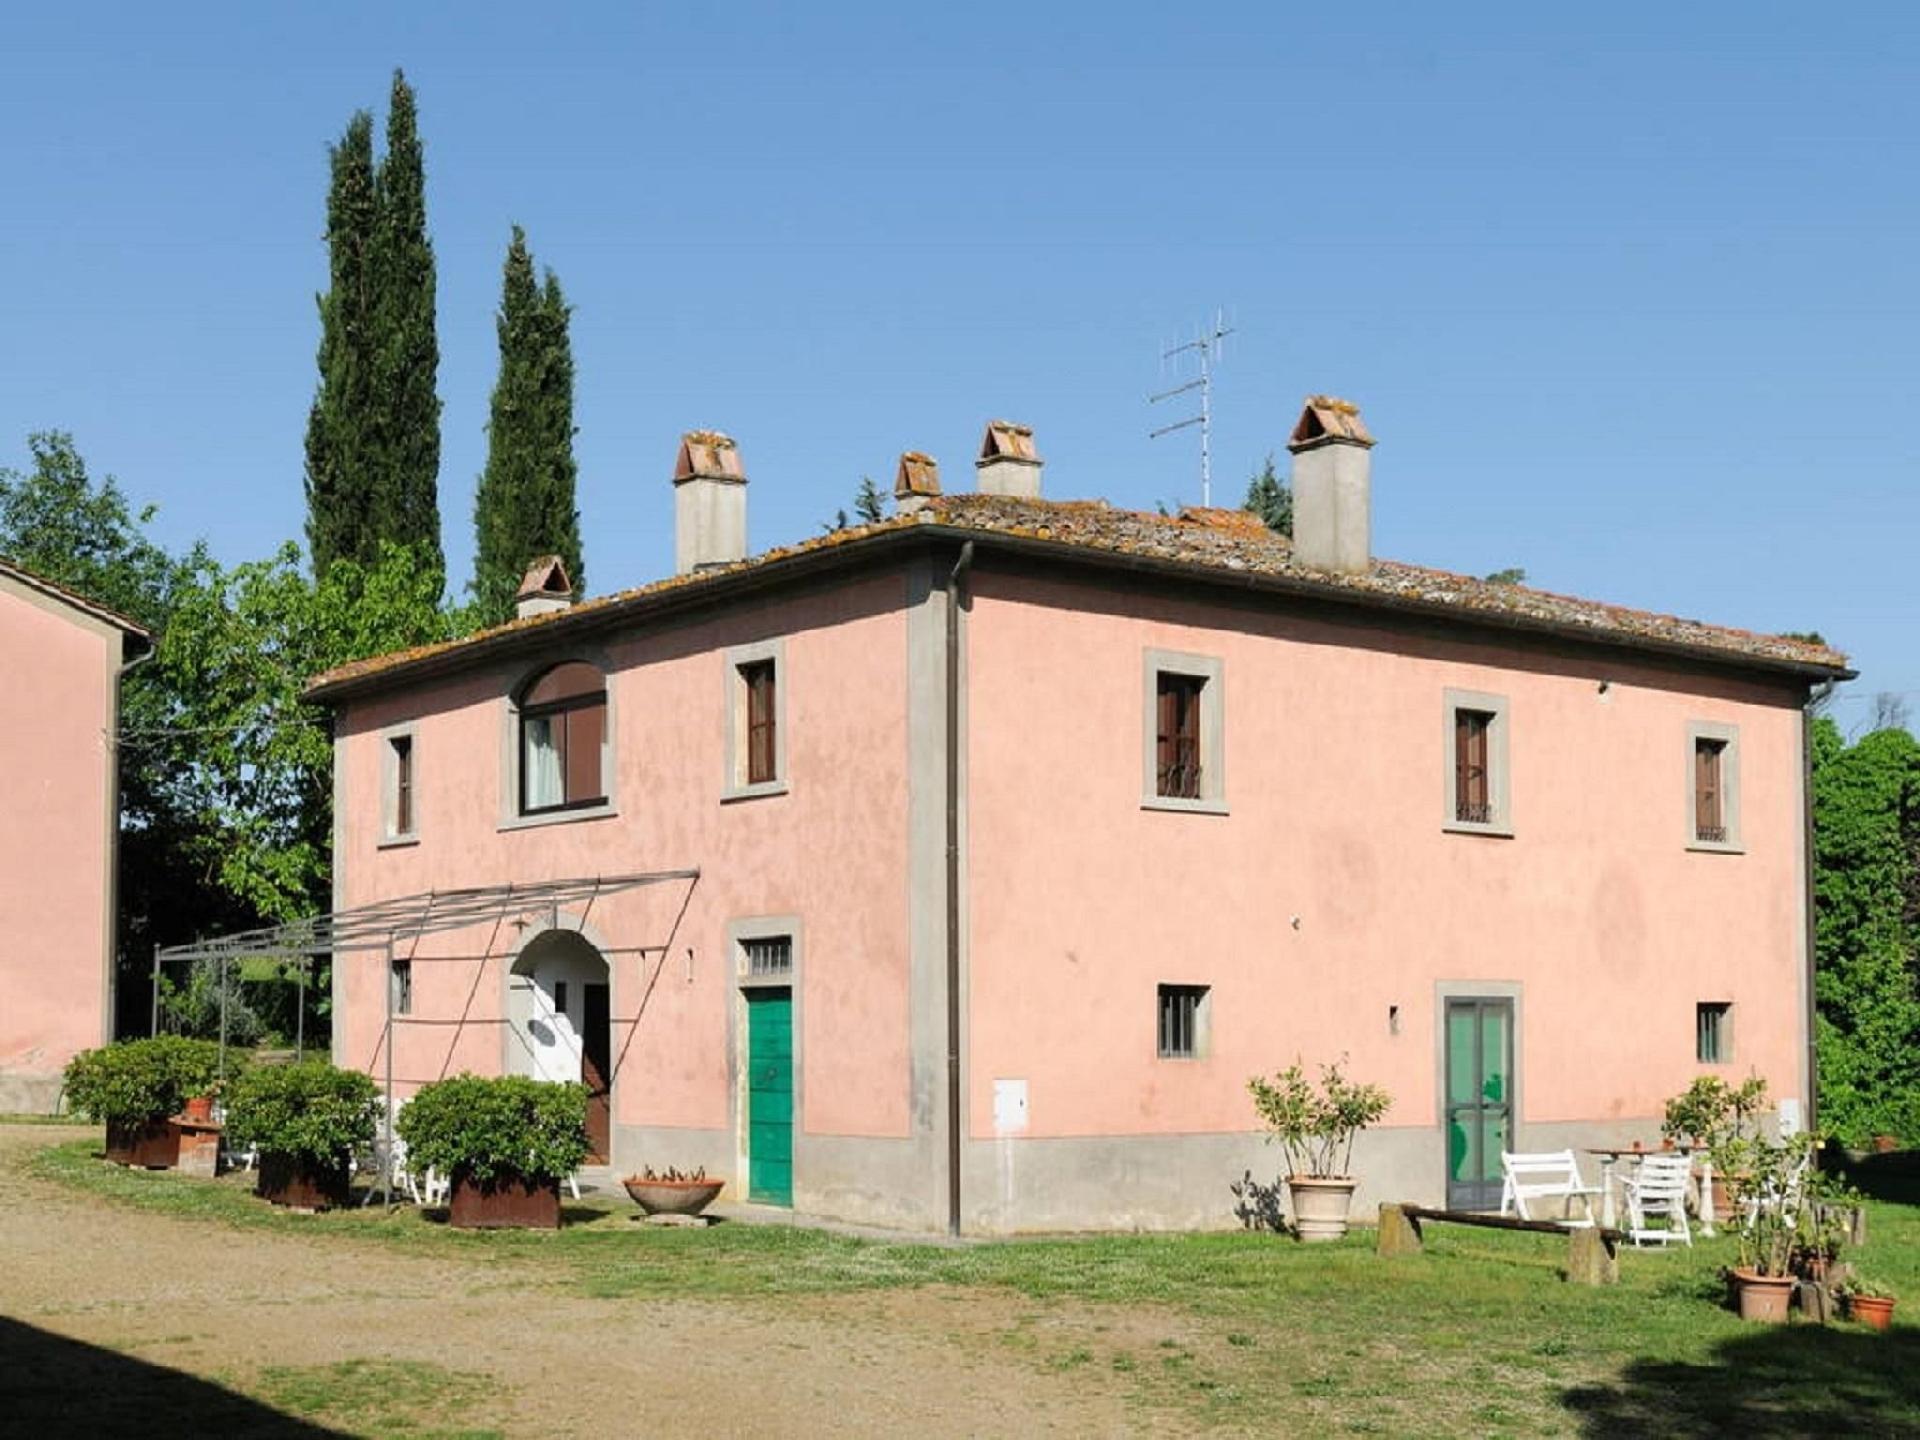 Ferienwohnung für 4 Personen  + 1 Kind ca. 10 Bauernhof in Italien